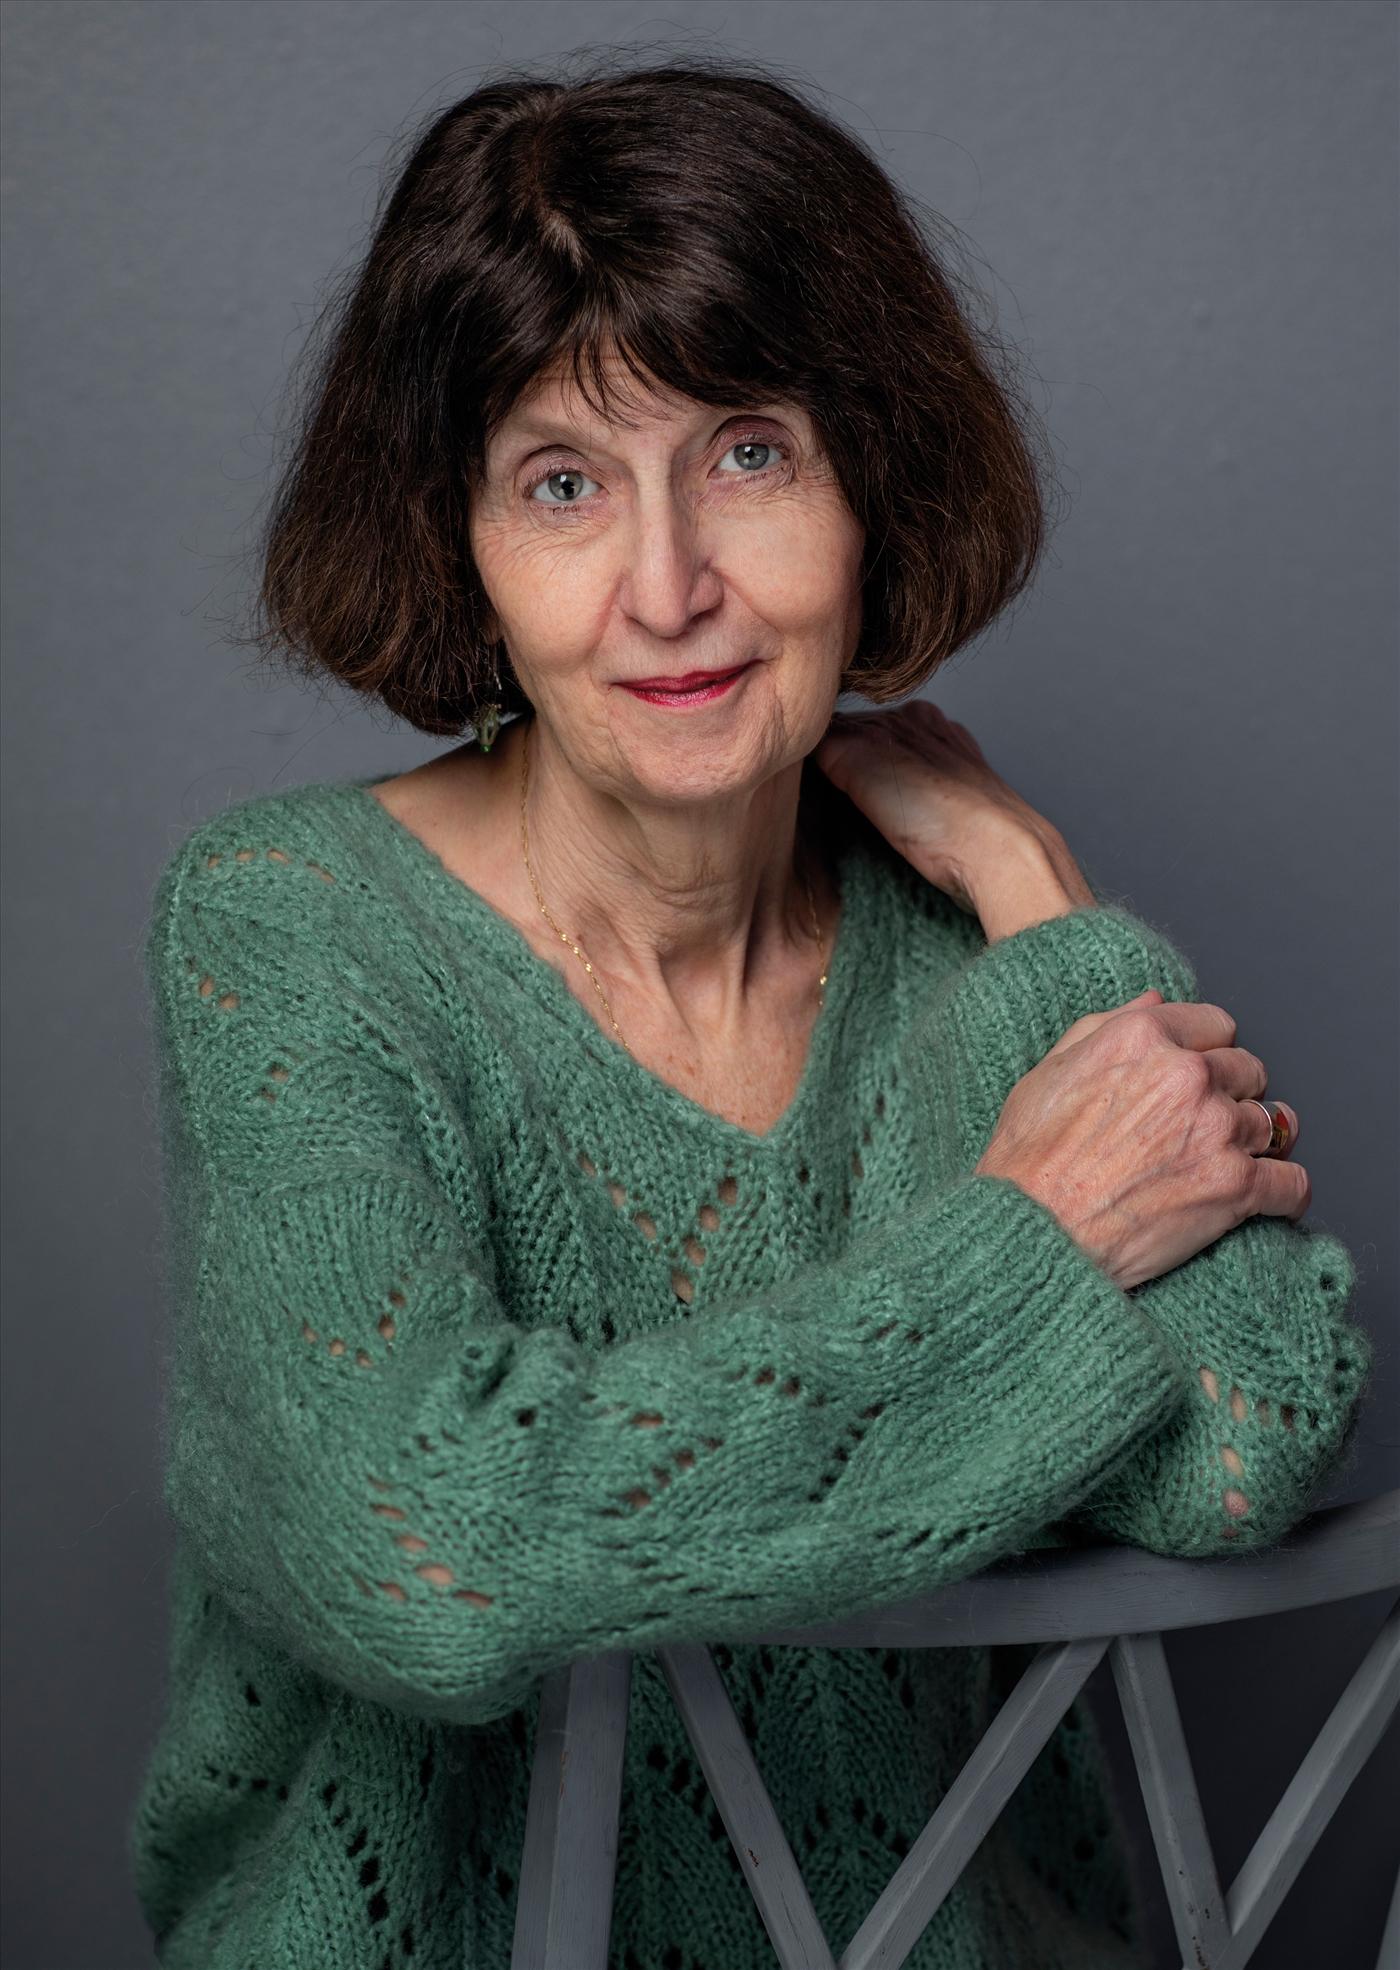 Marie lundquist - 2019 year